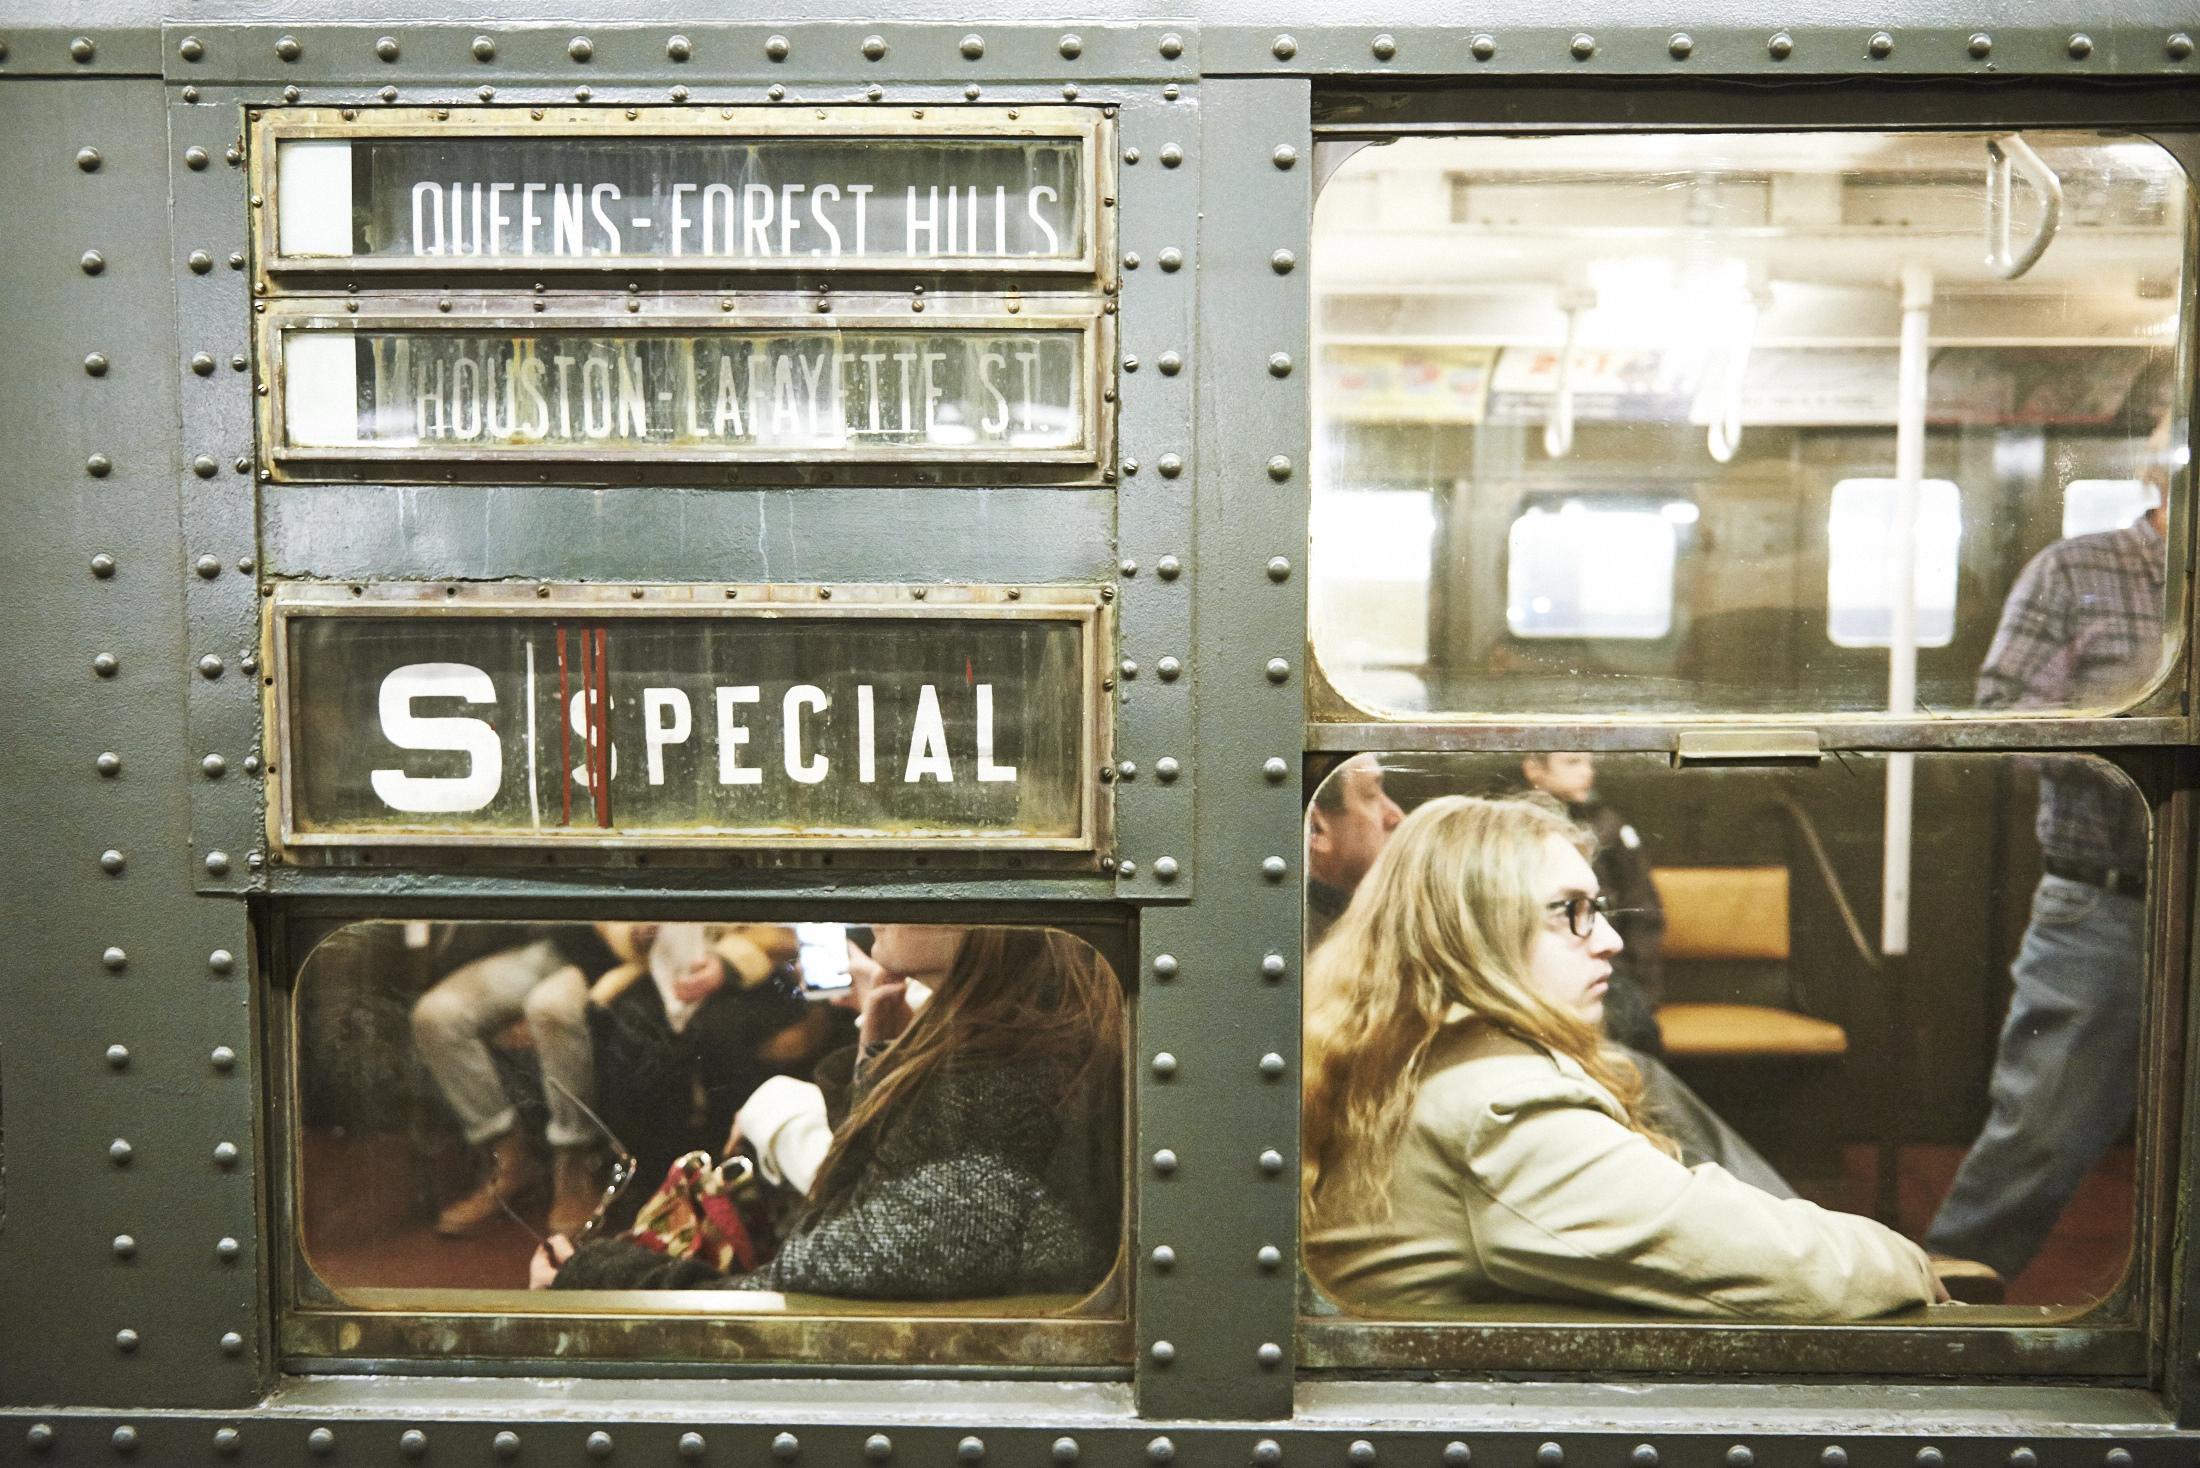 Nostalgia Train_52